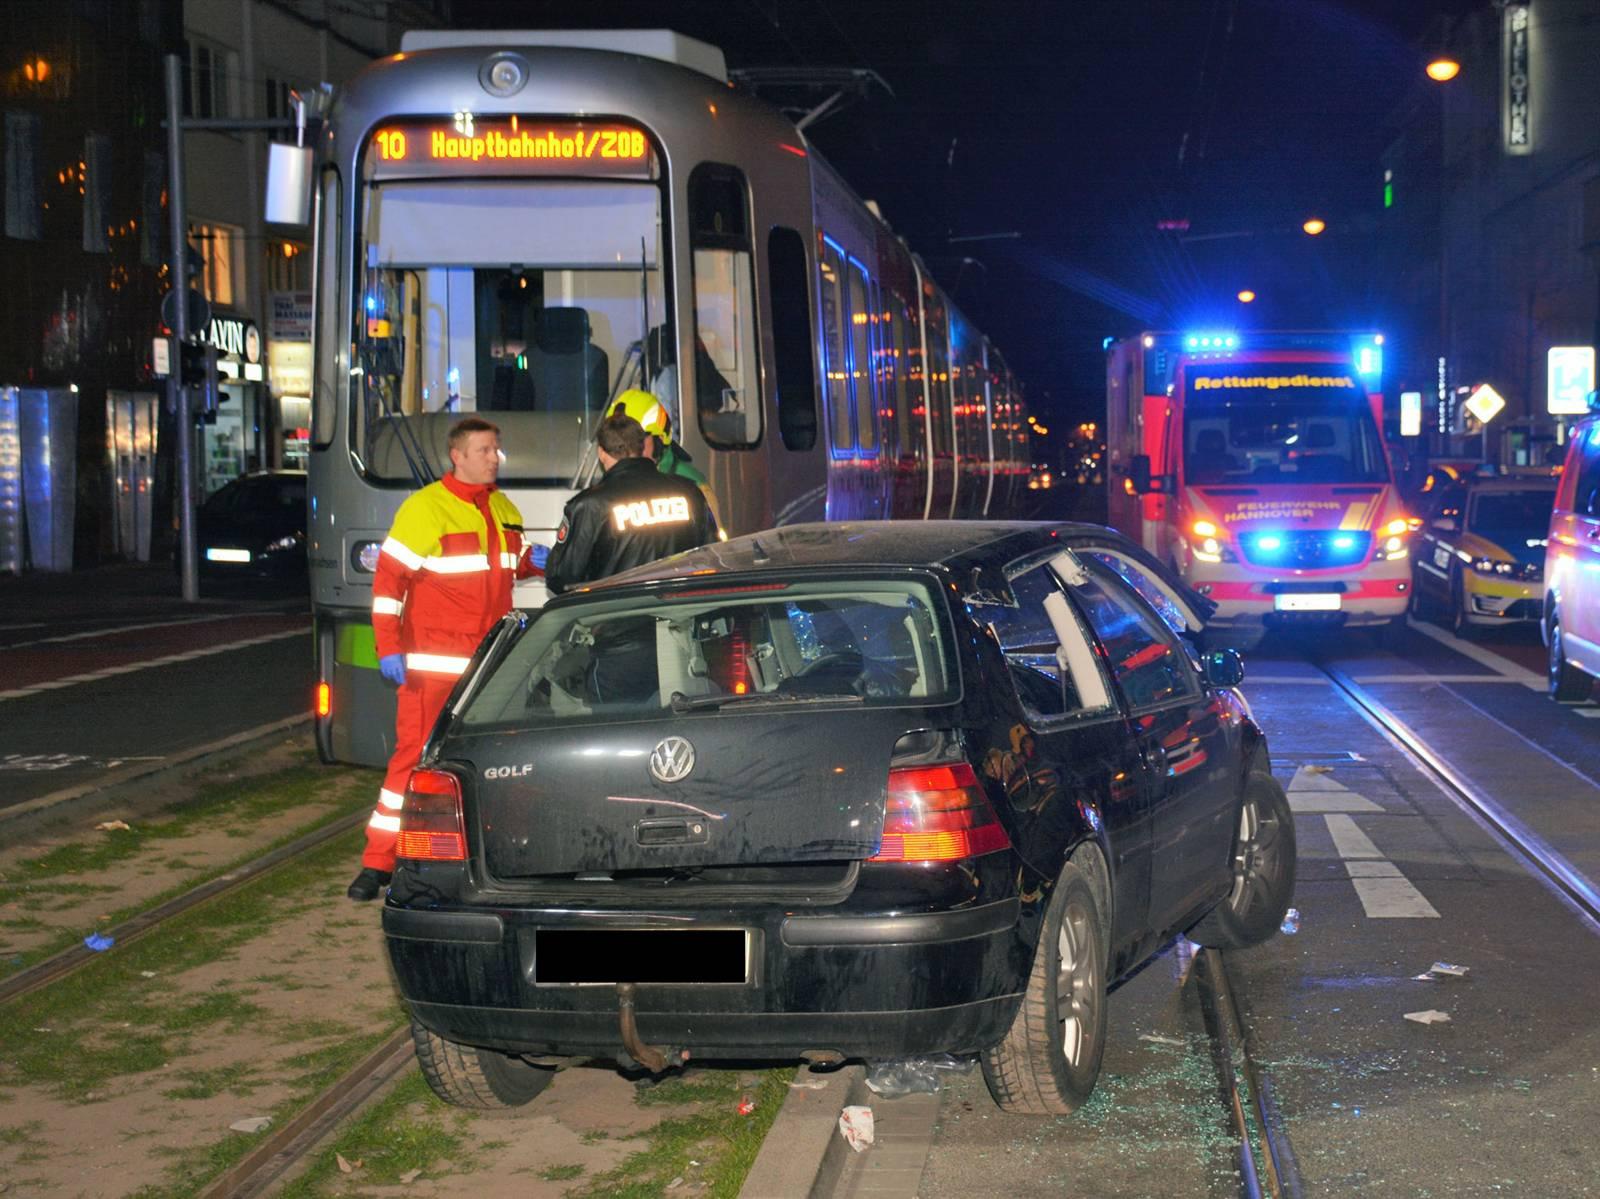 Schwerer Verkehrsunfall zwischen PKW und Stadtbahn, eine Person eingeklemmt